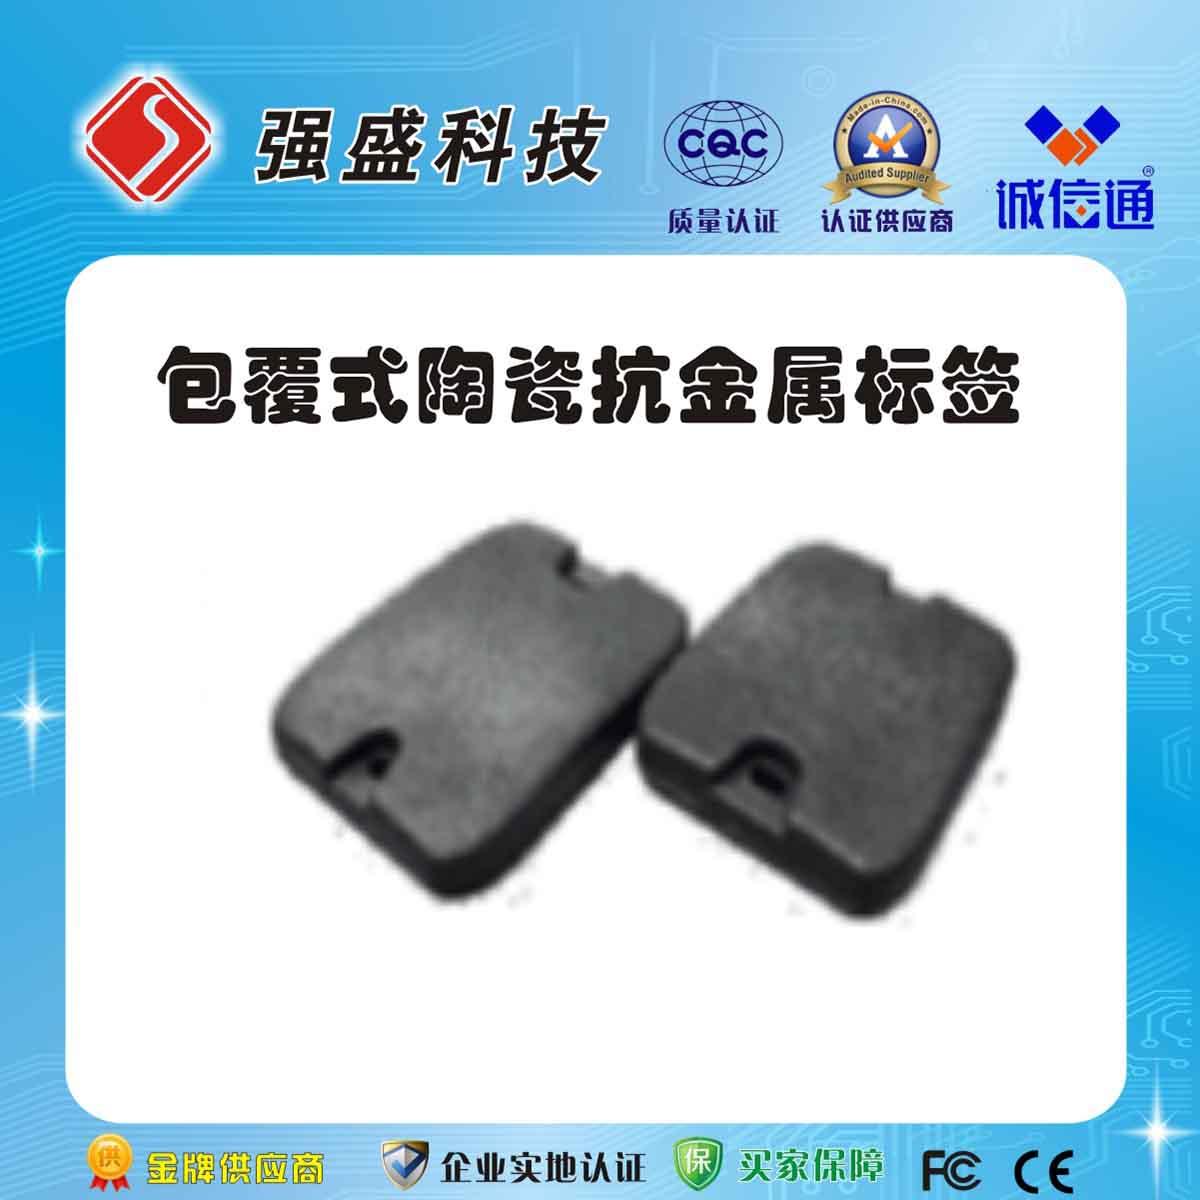 供应广州rfid陶瓷耐高温超高频射频标签芯片